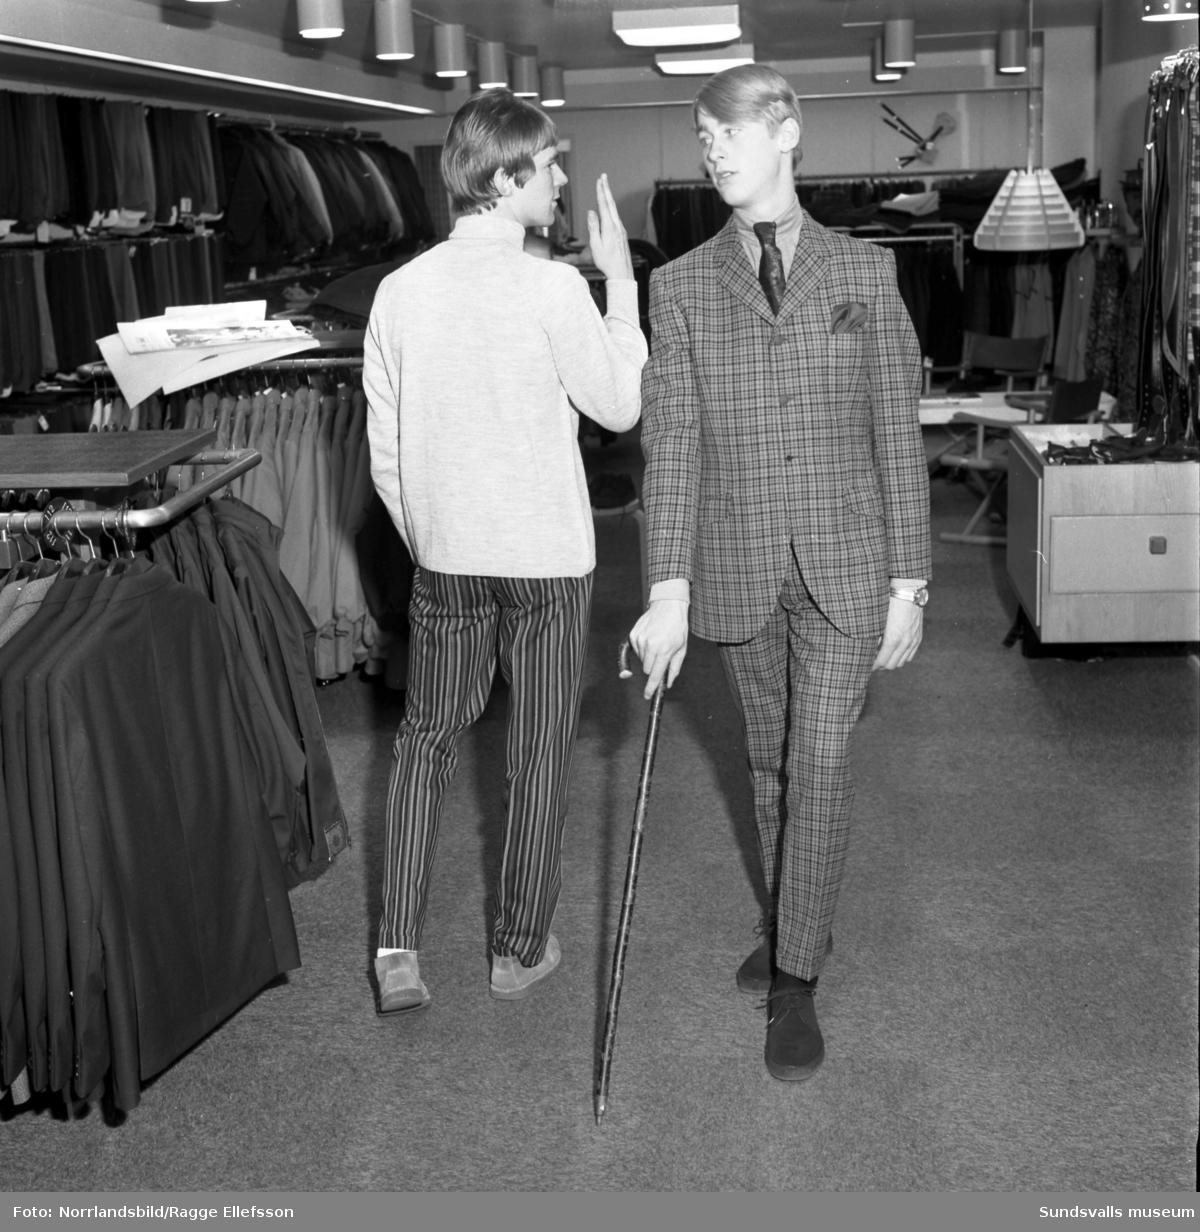 Manliga mannekänger visar kläder inne på Henrix herrekipering för annonsfotografering.